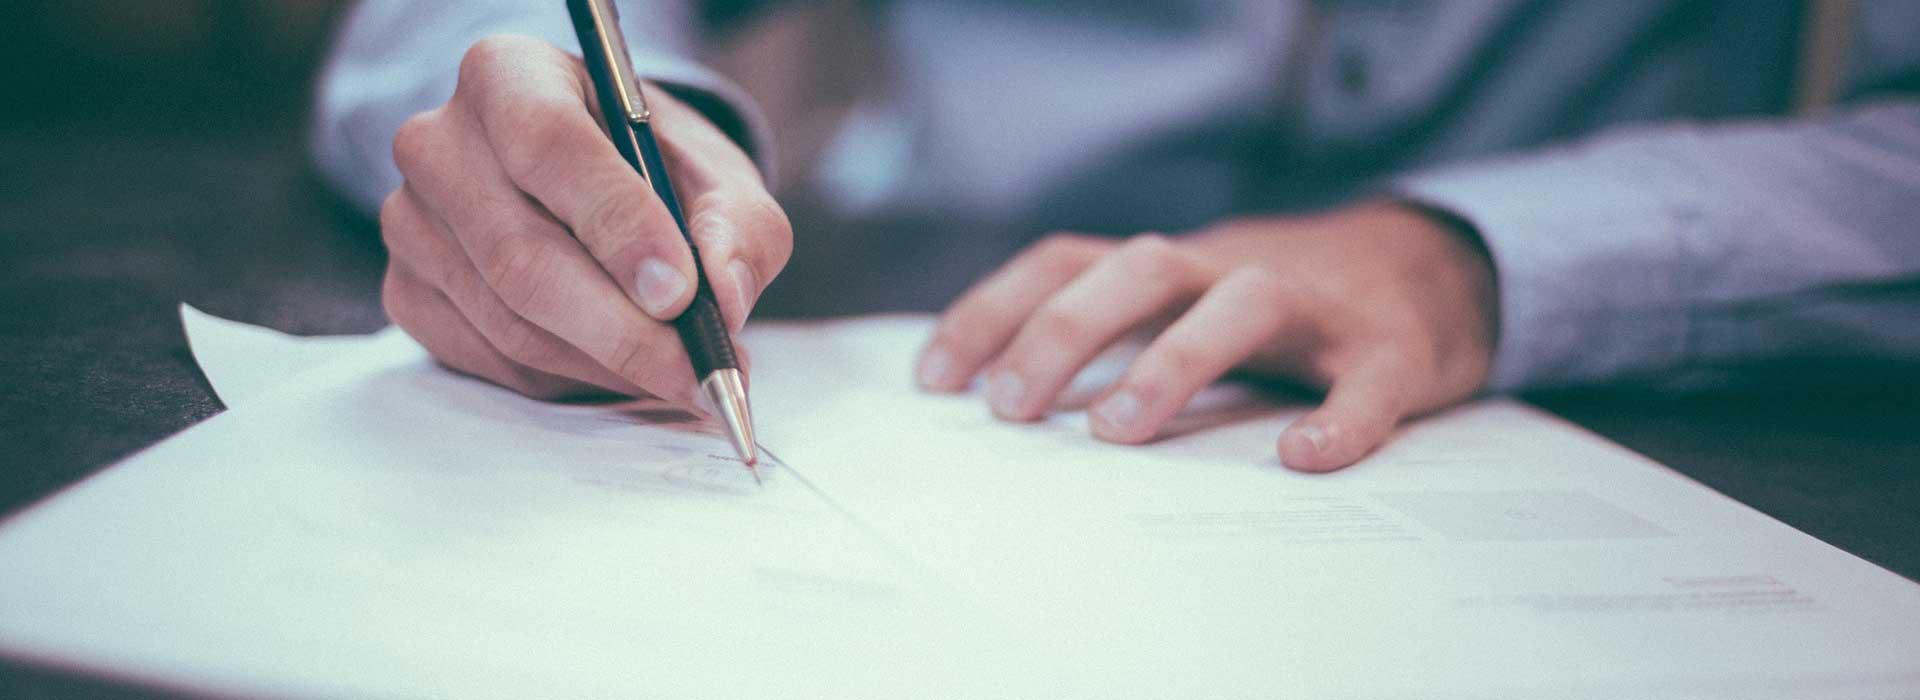 Signing paperwork photo